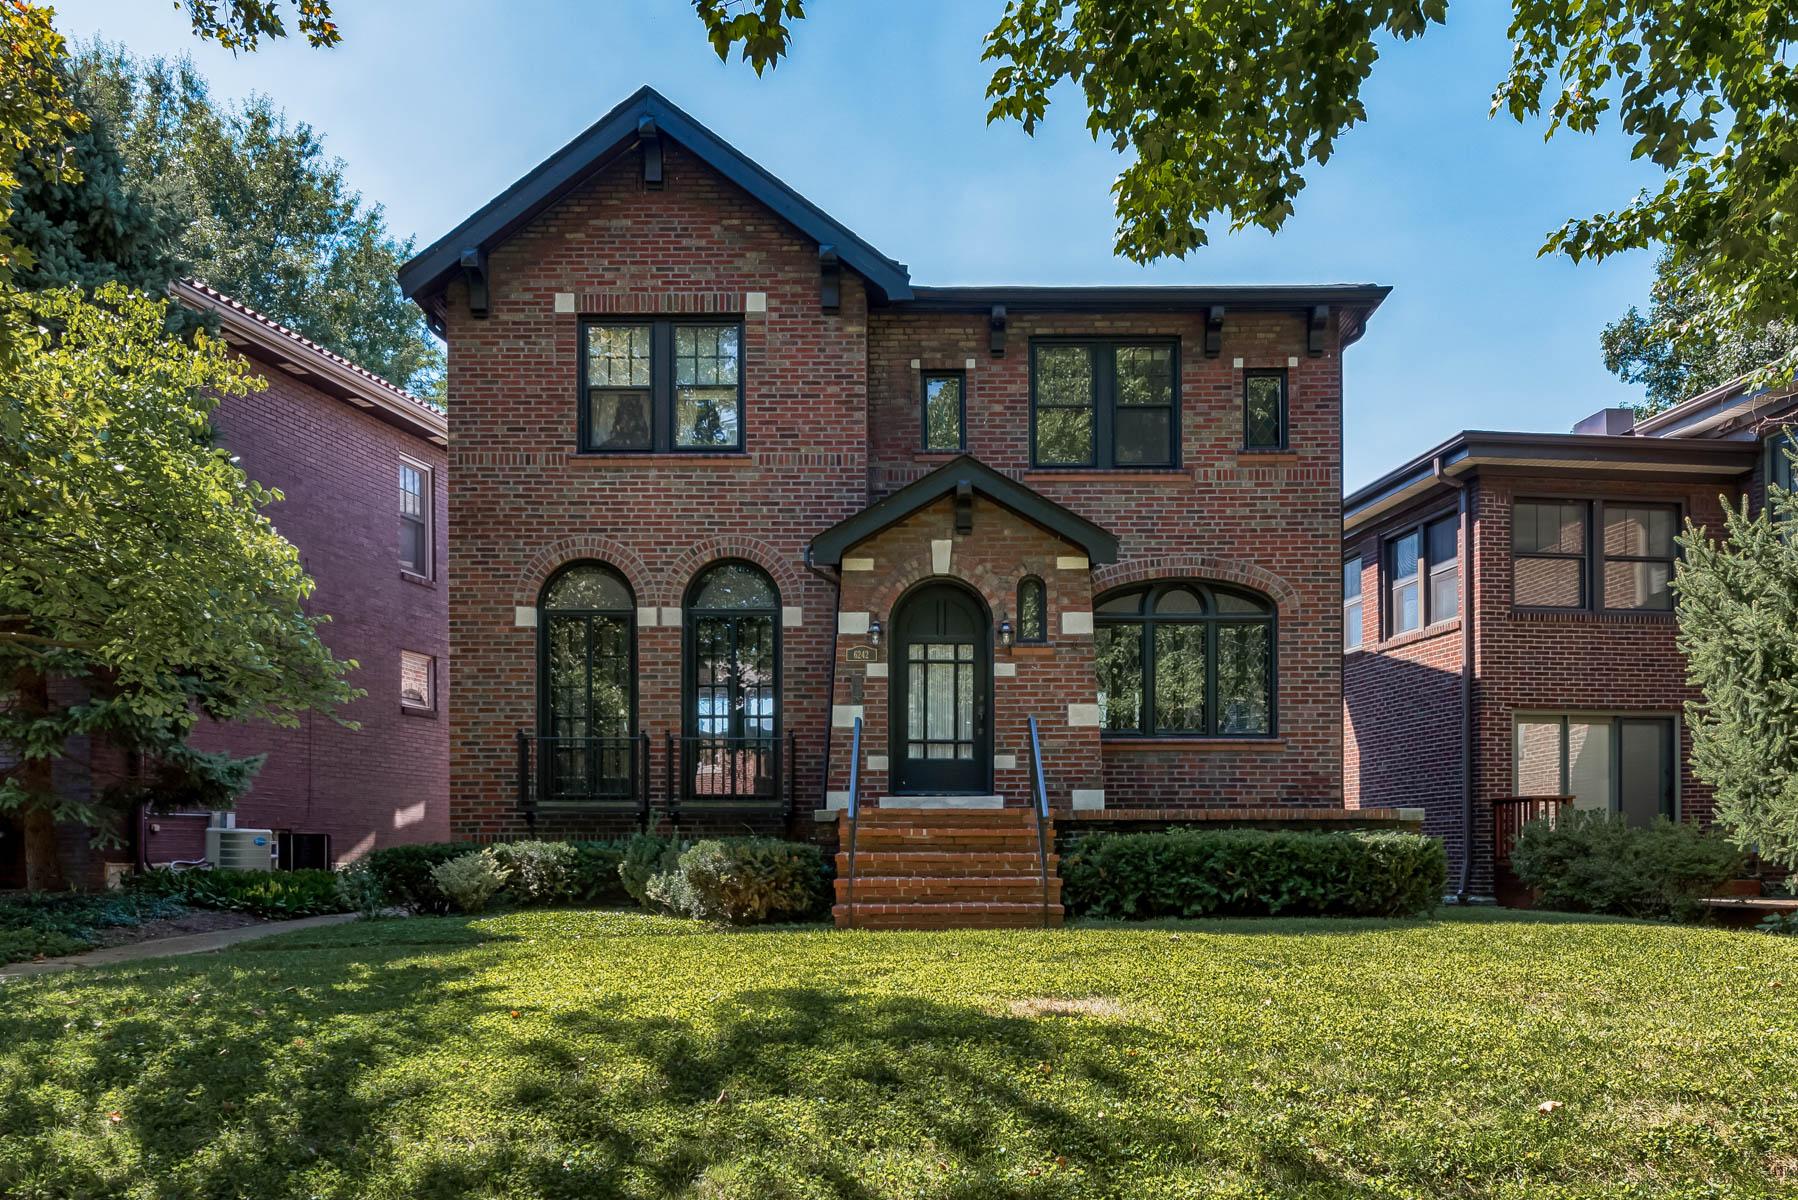 Maison unifamiliale pour l Vente à Alamo Ave 6242 Alamo Ave St. Louis, Missouri, 63105 États-Unis